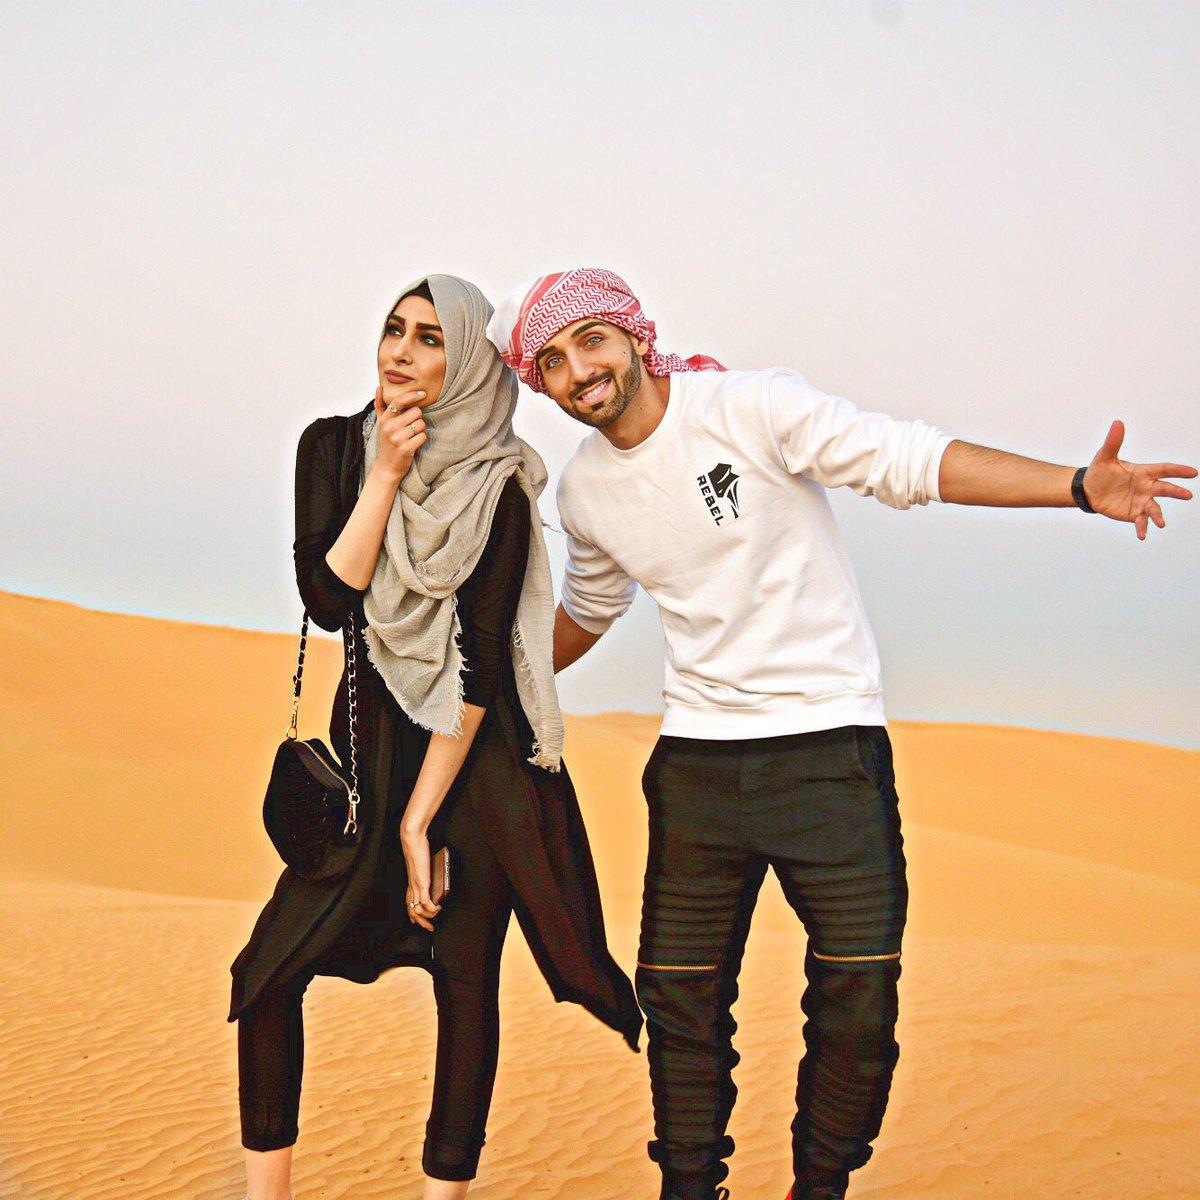 Sham Idrees On Twitter Rebels In Dubai Desert Queenfroggy